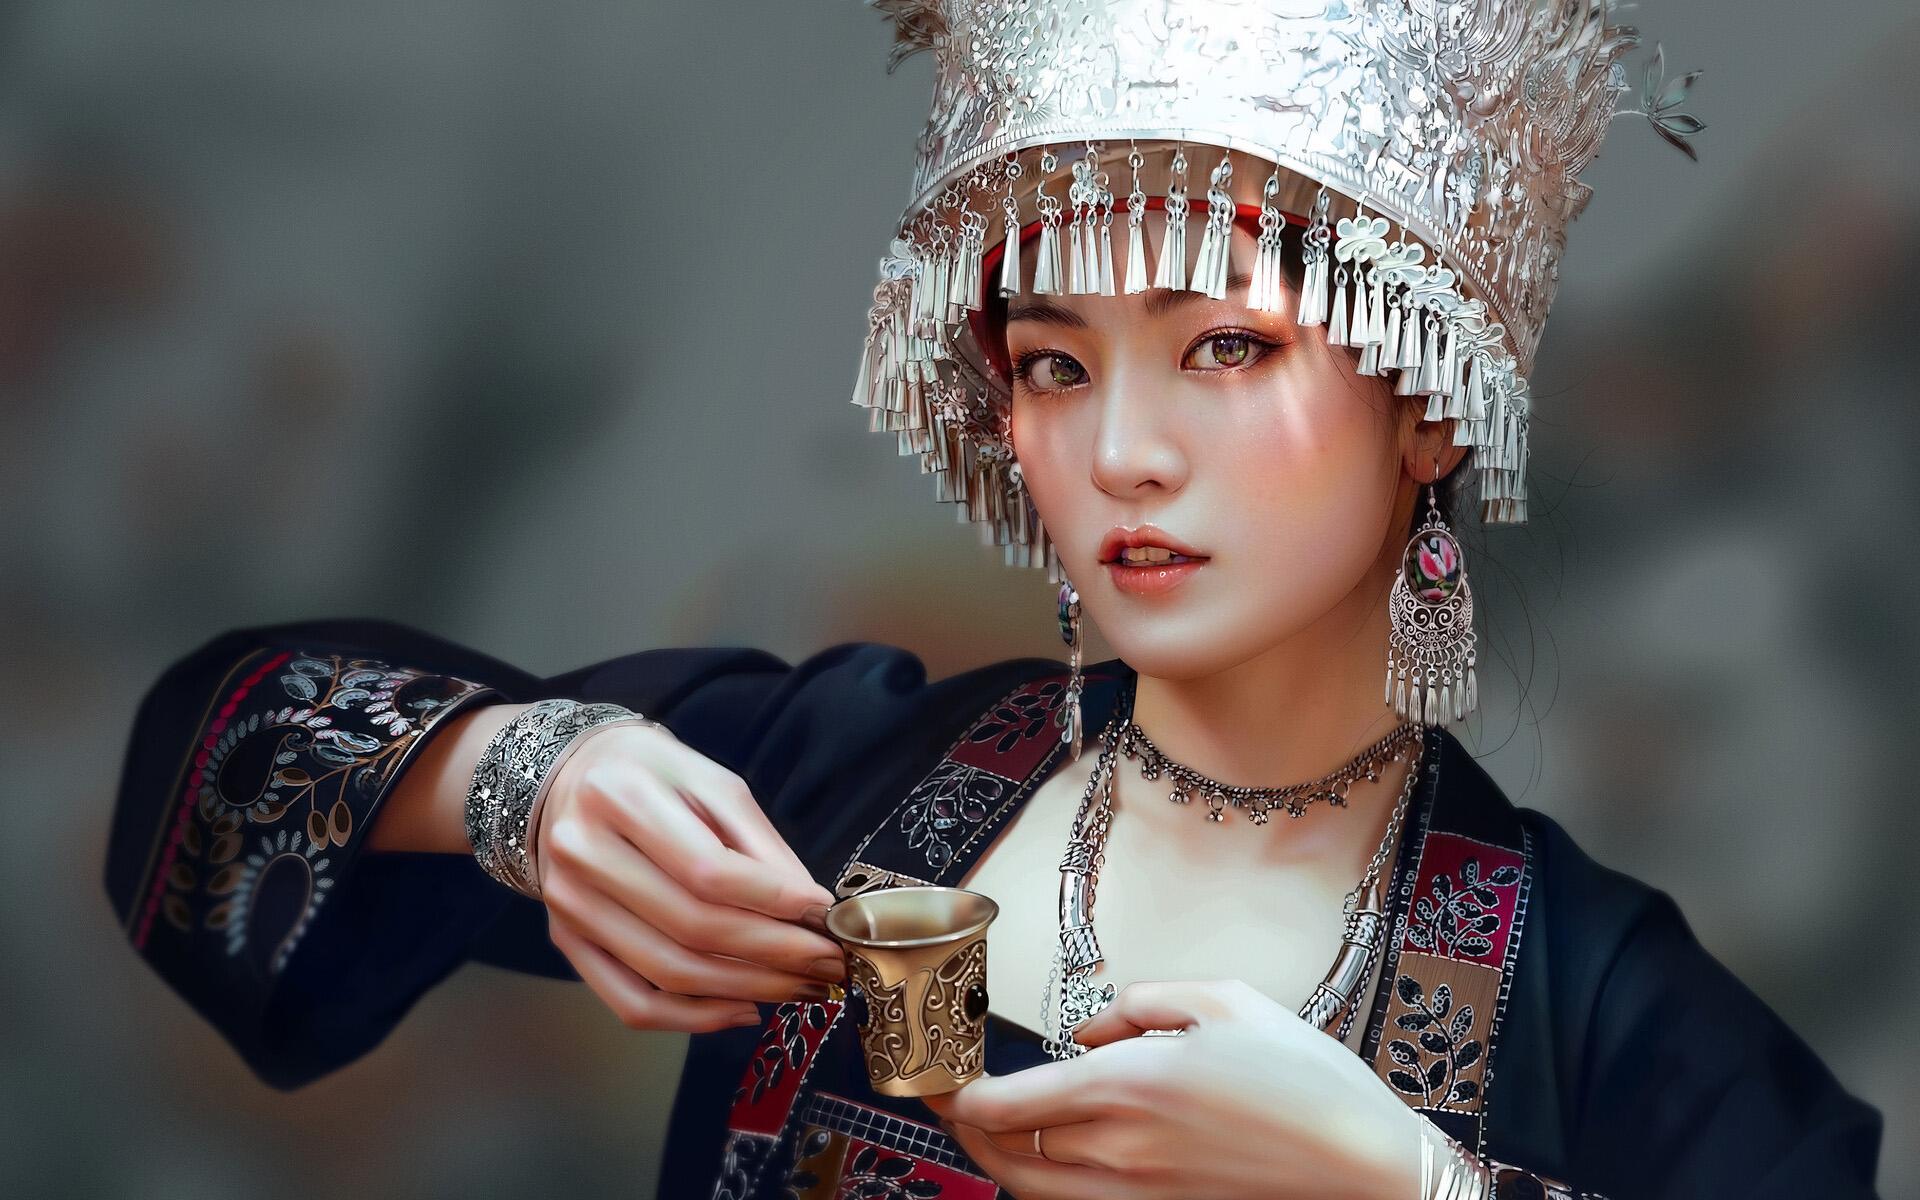 美女模特,文艺古风,民族服饰,首饰,酒杯